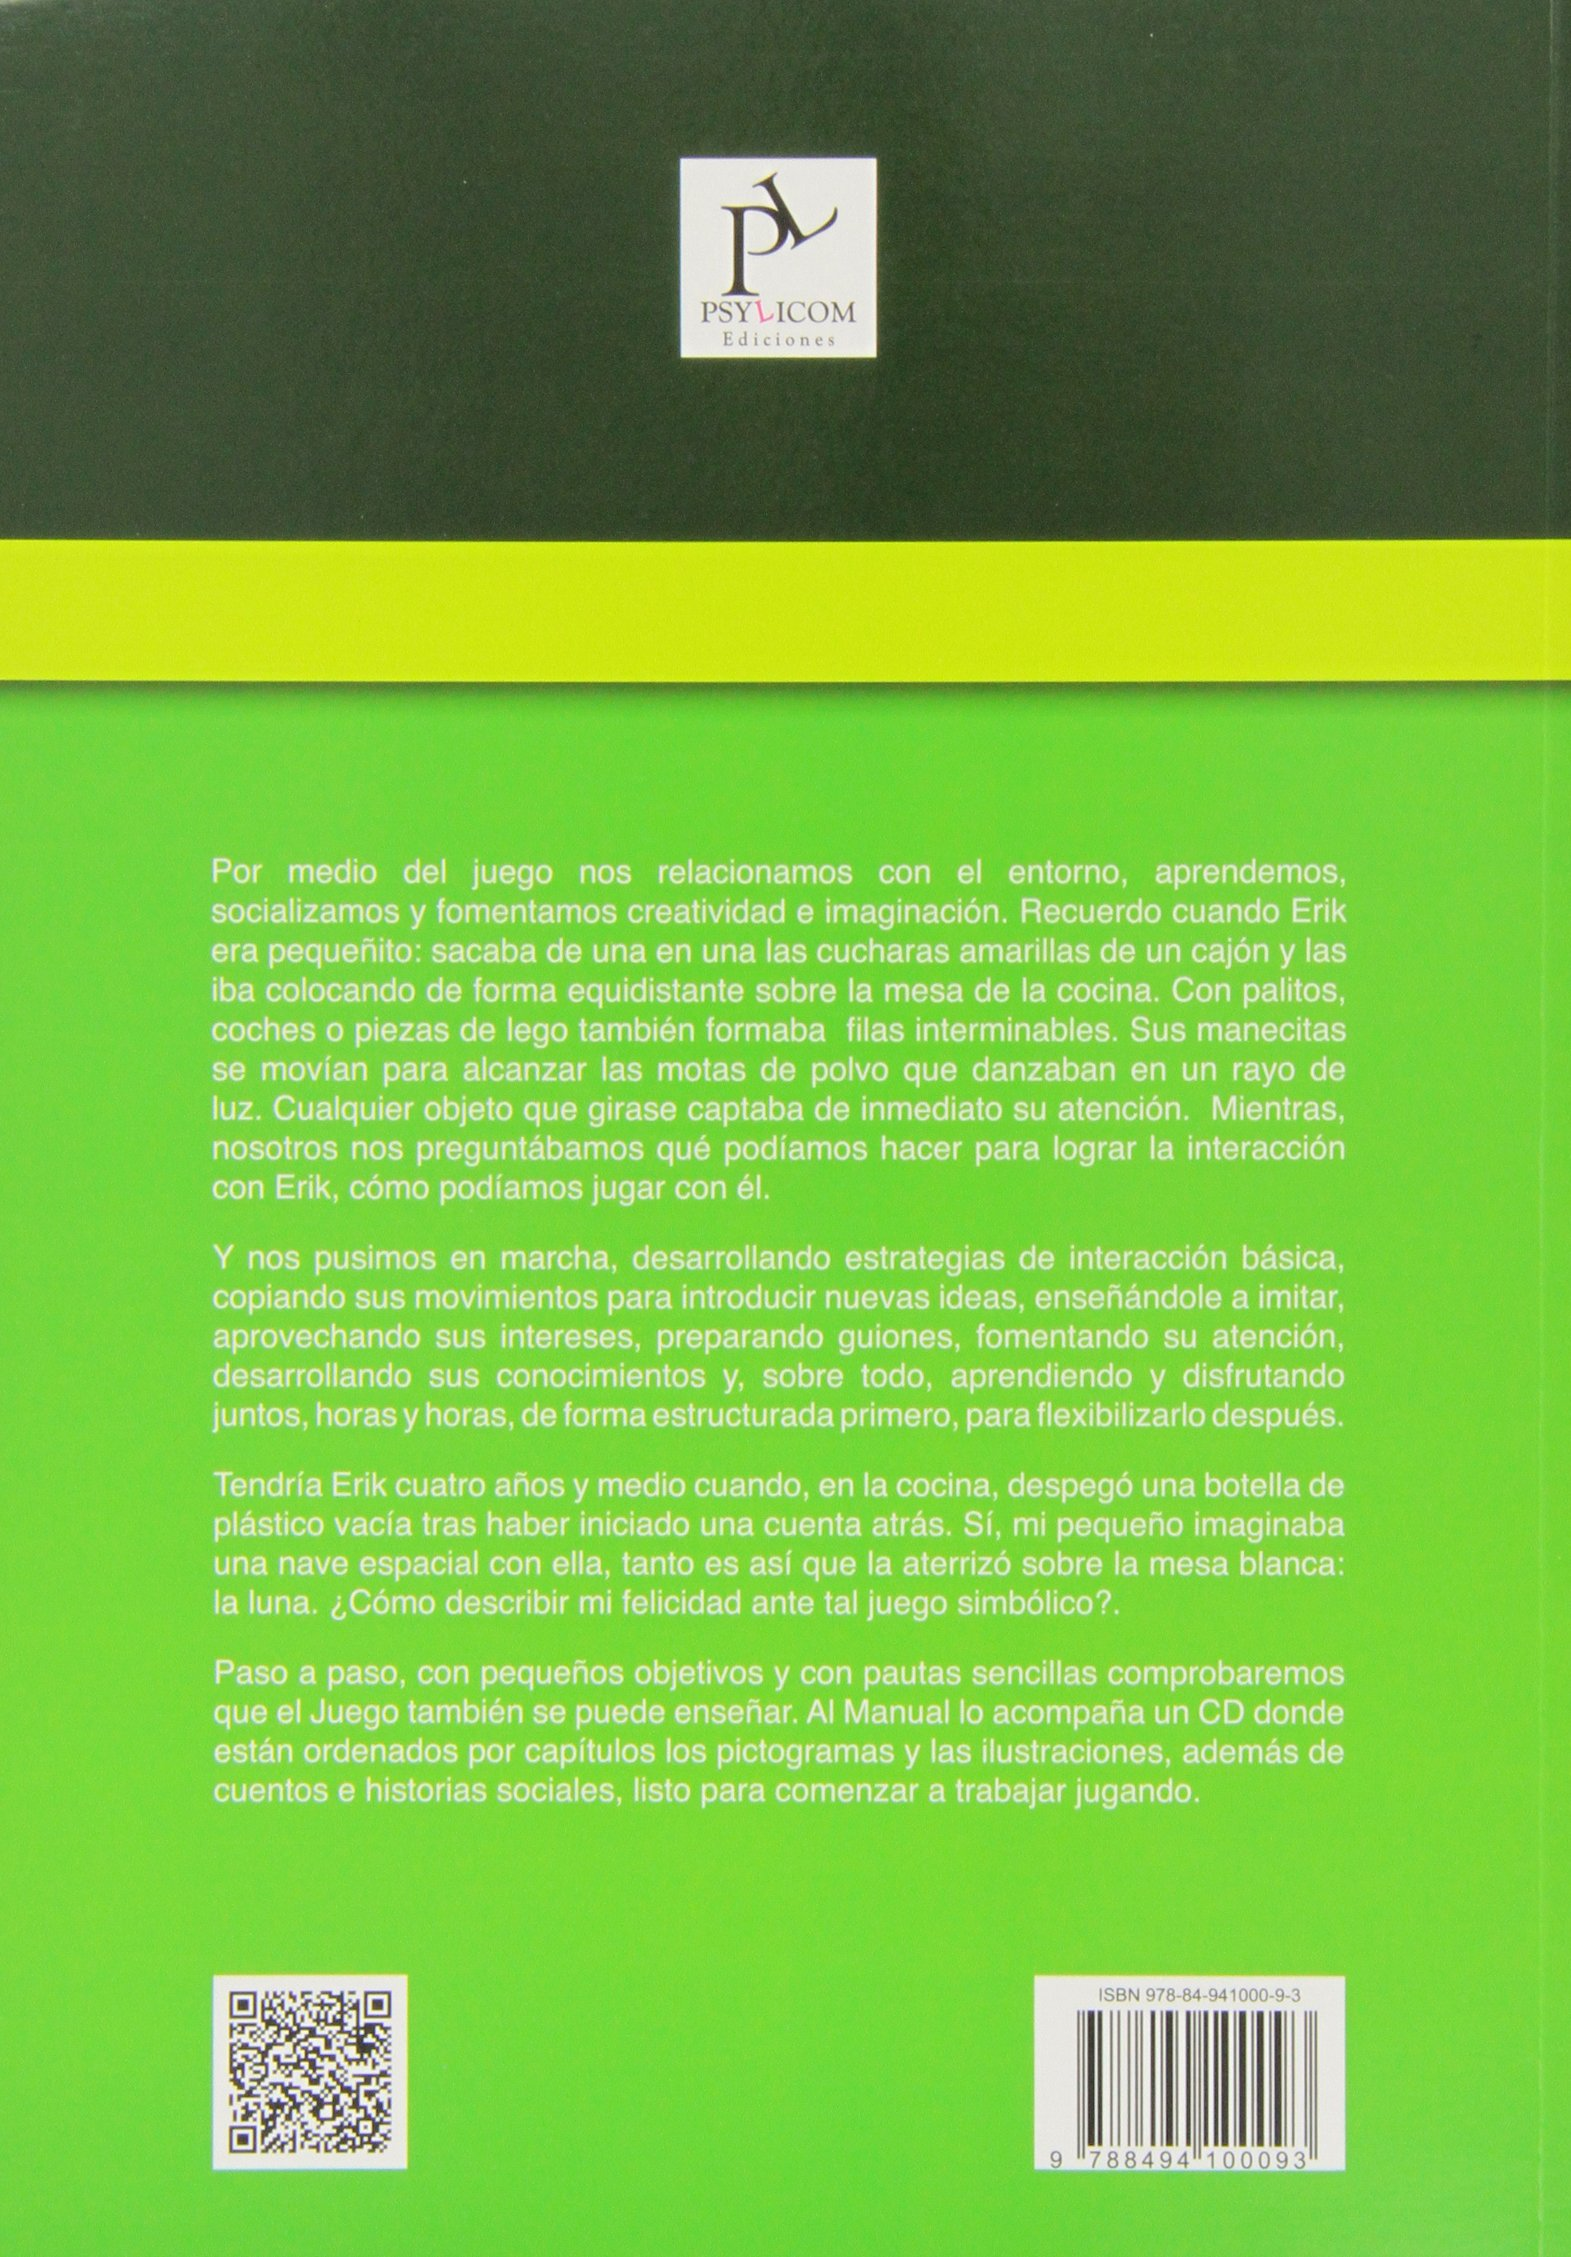 Manual Del Juego Para El Niño Con Autismo.: Maite Navarro, Fátima Collado Anabel Cornago: 9788494100093: Amazon.com: Books